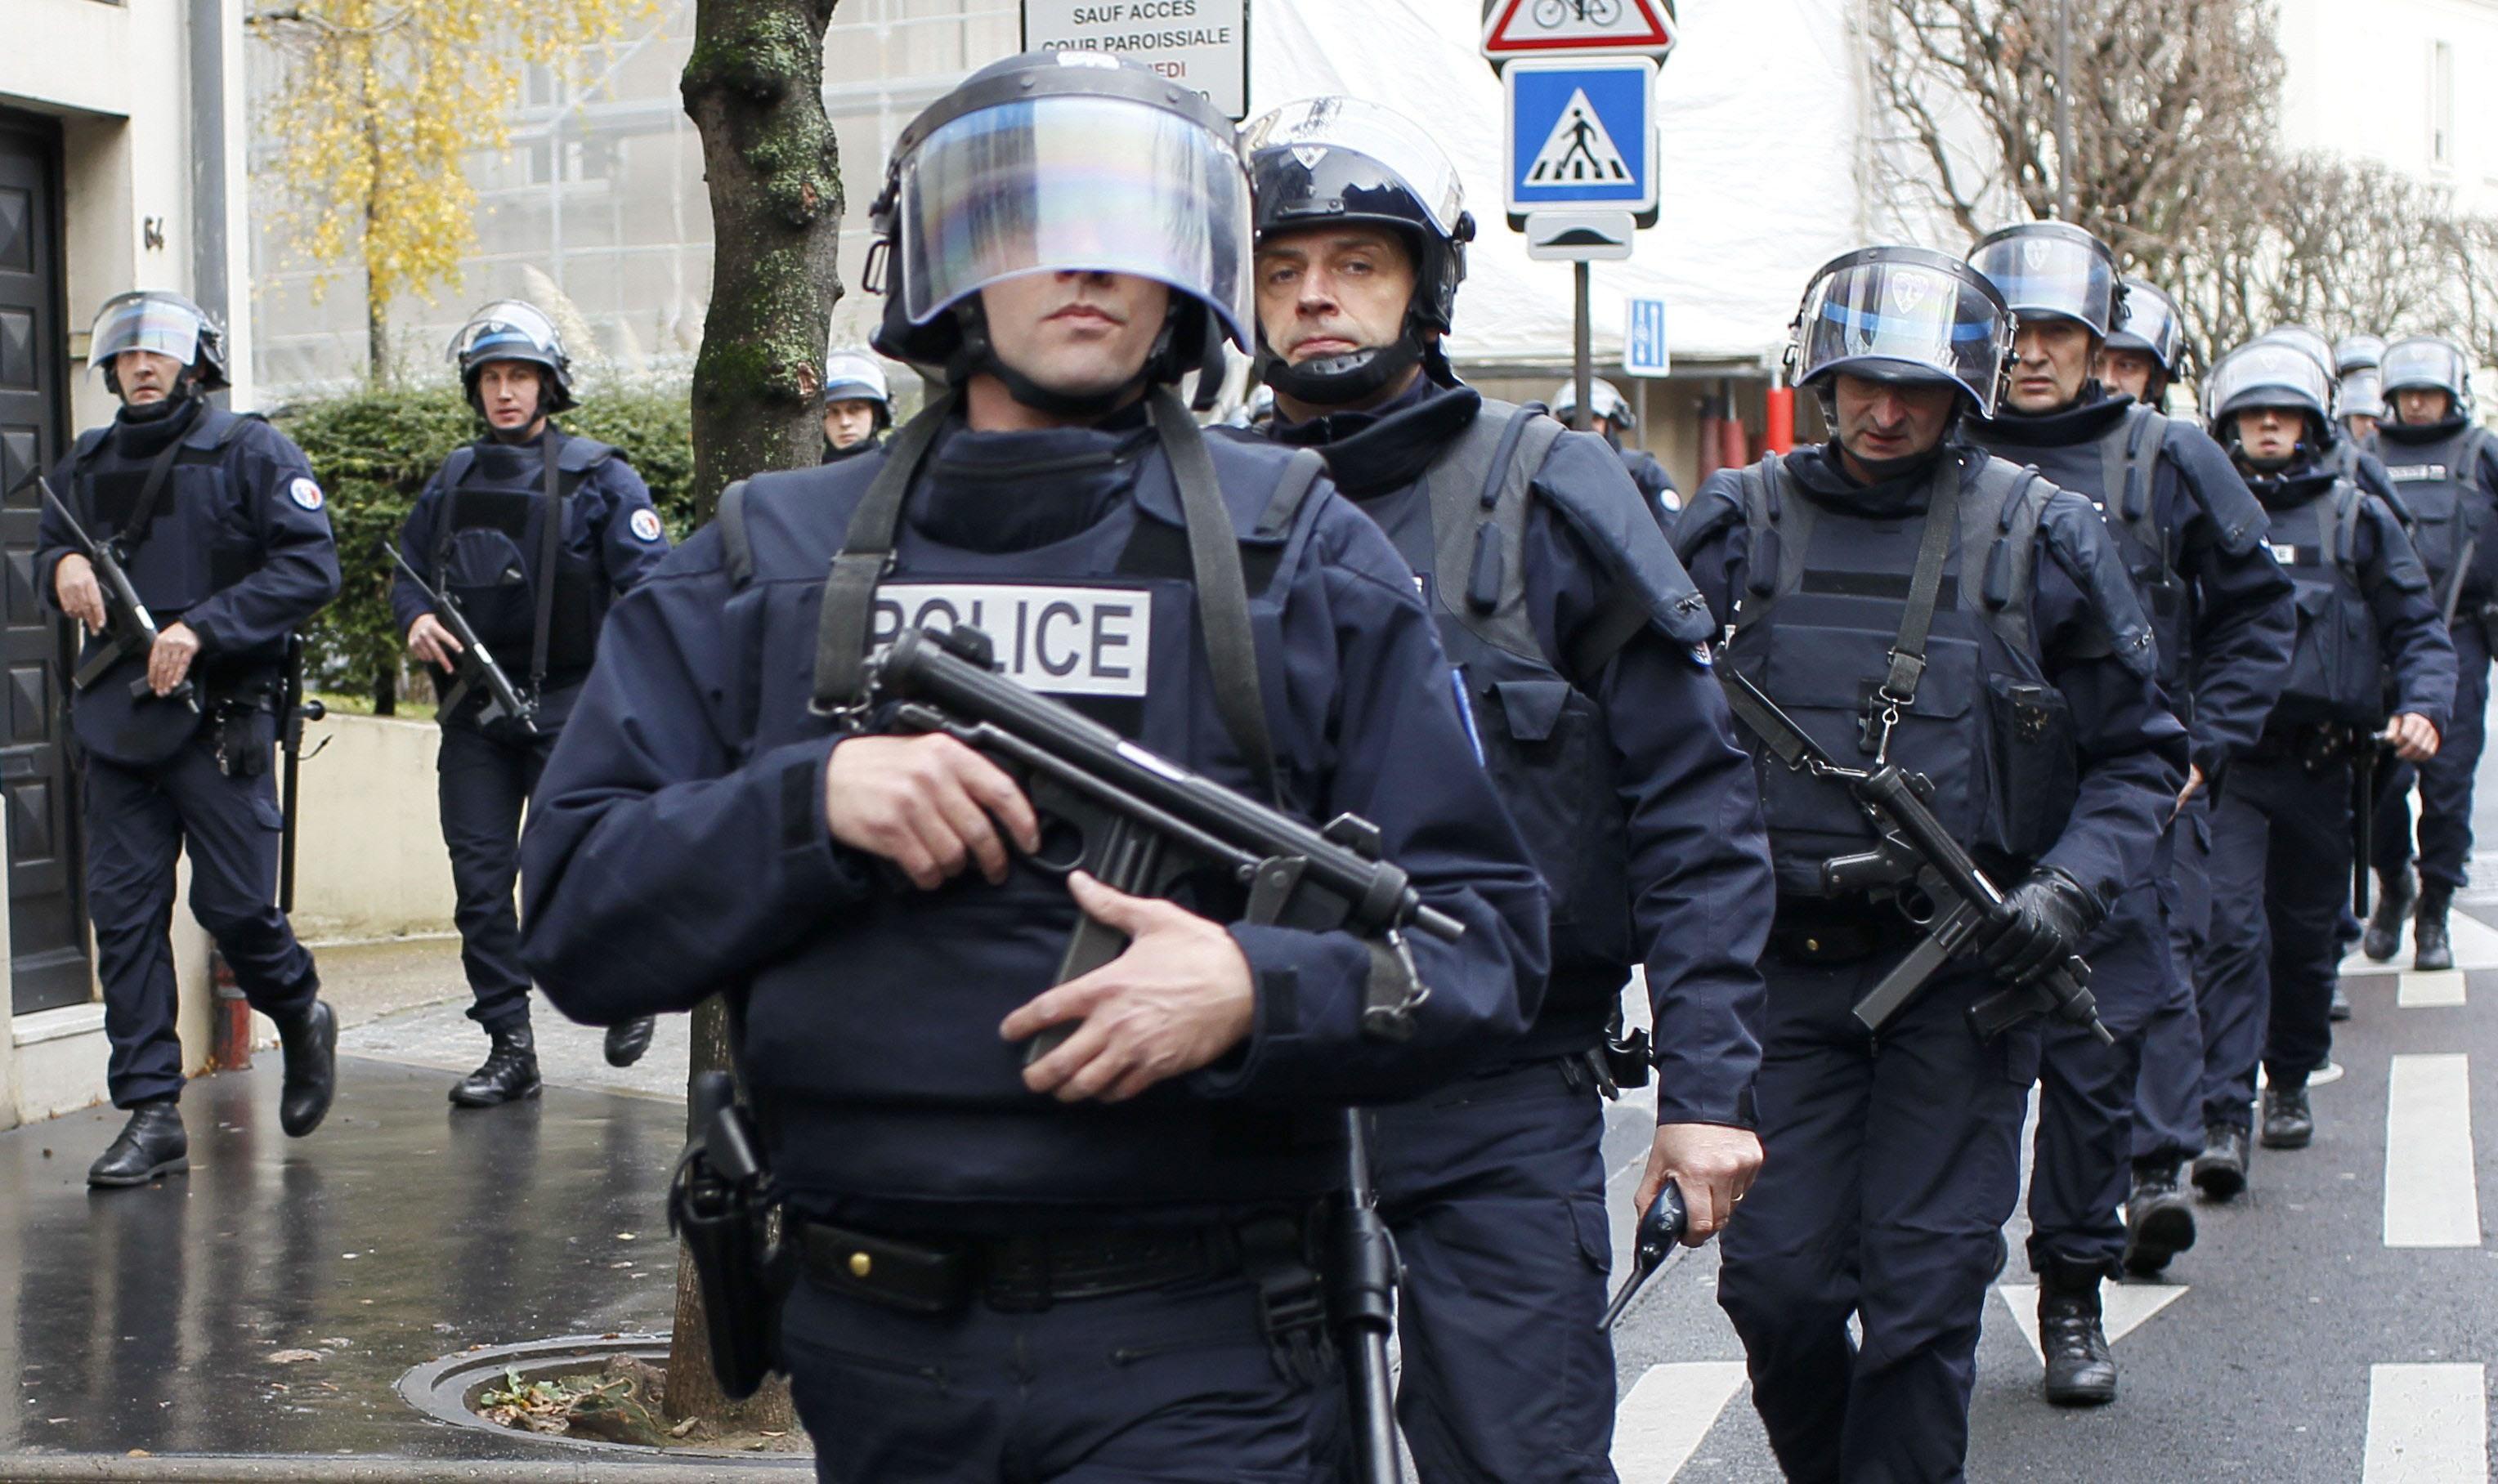 الشرطة اليونانية تعتقل 17 شخصا خلال مظاهرة أمام السفارة الأمريكية